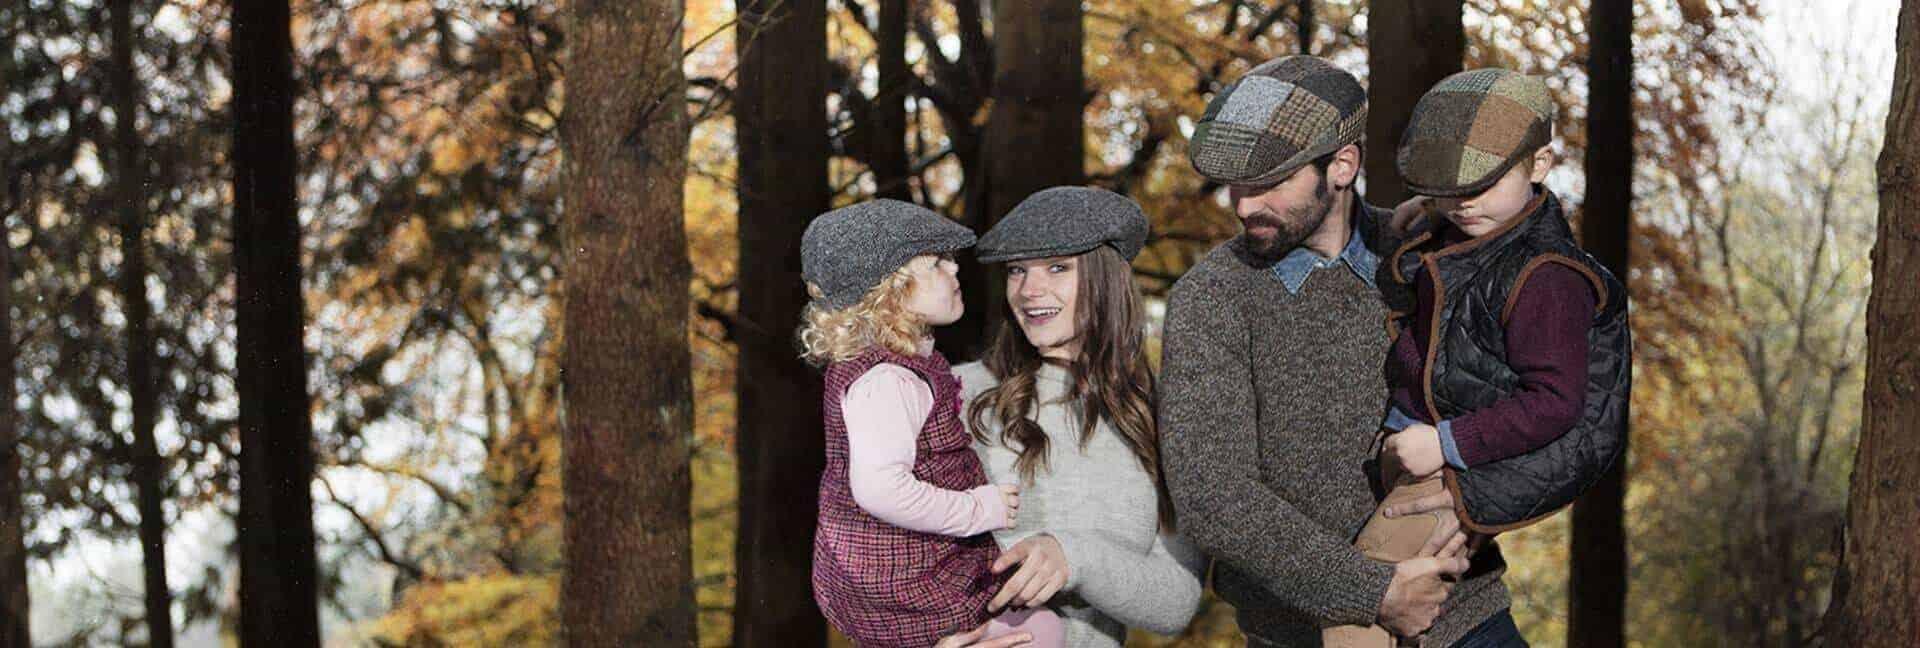 Hanna Hats Family